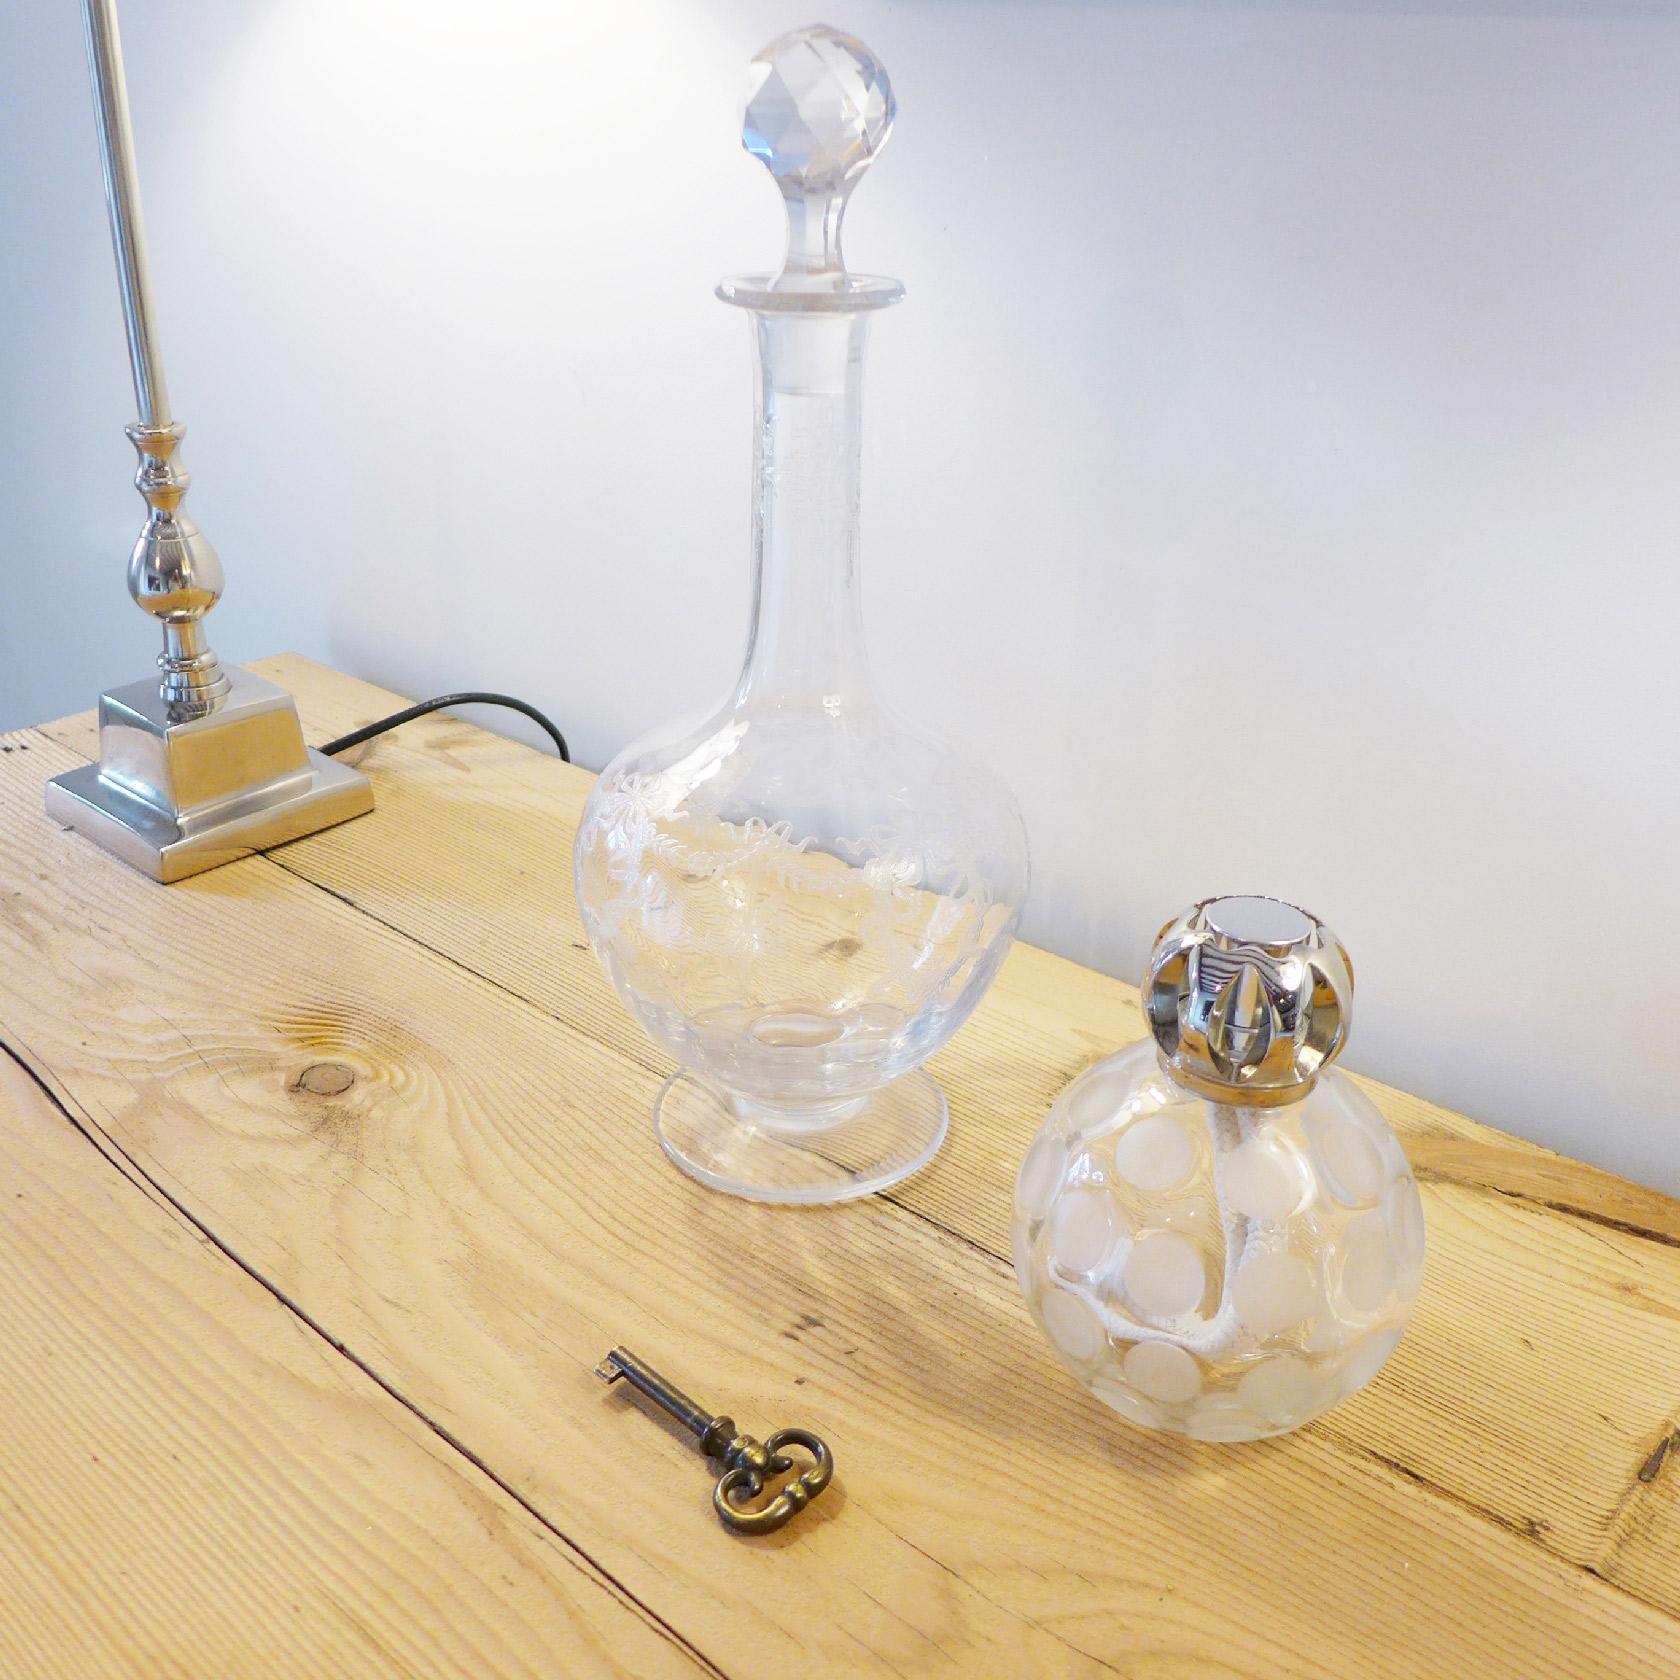 Réalisation du studio d'architecture et de décoration Skéa Designer. Zoom sur un détail, des flacons en cristal.